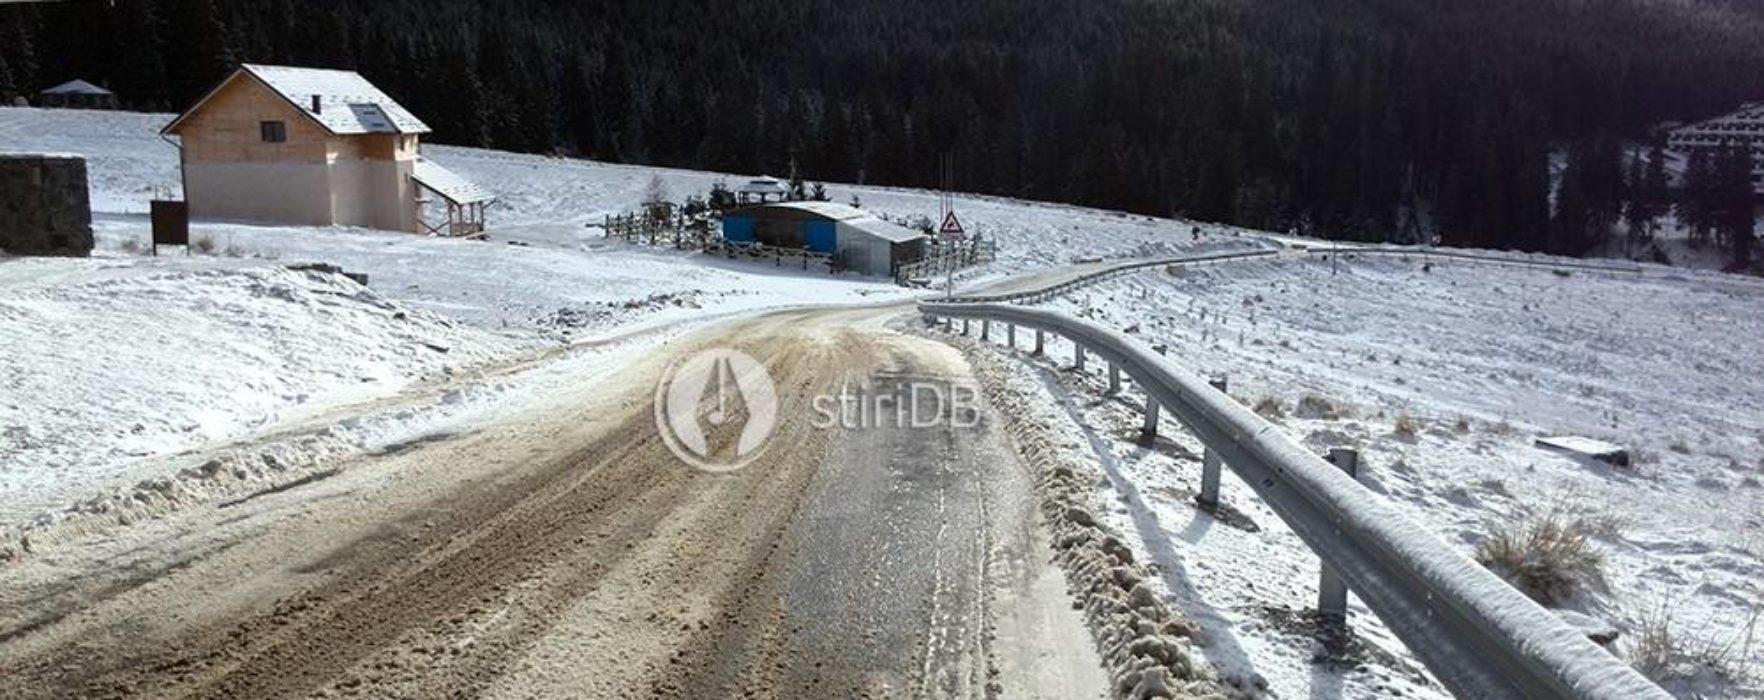 Dâmboviţa: Risc de avalanşe în zona Dichiu, DJ 713 rămâne închis